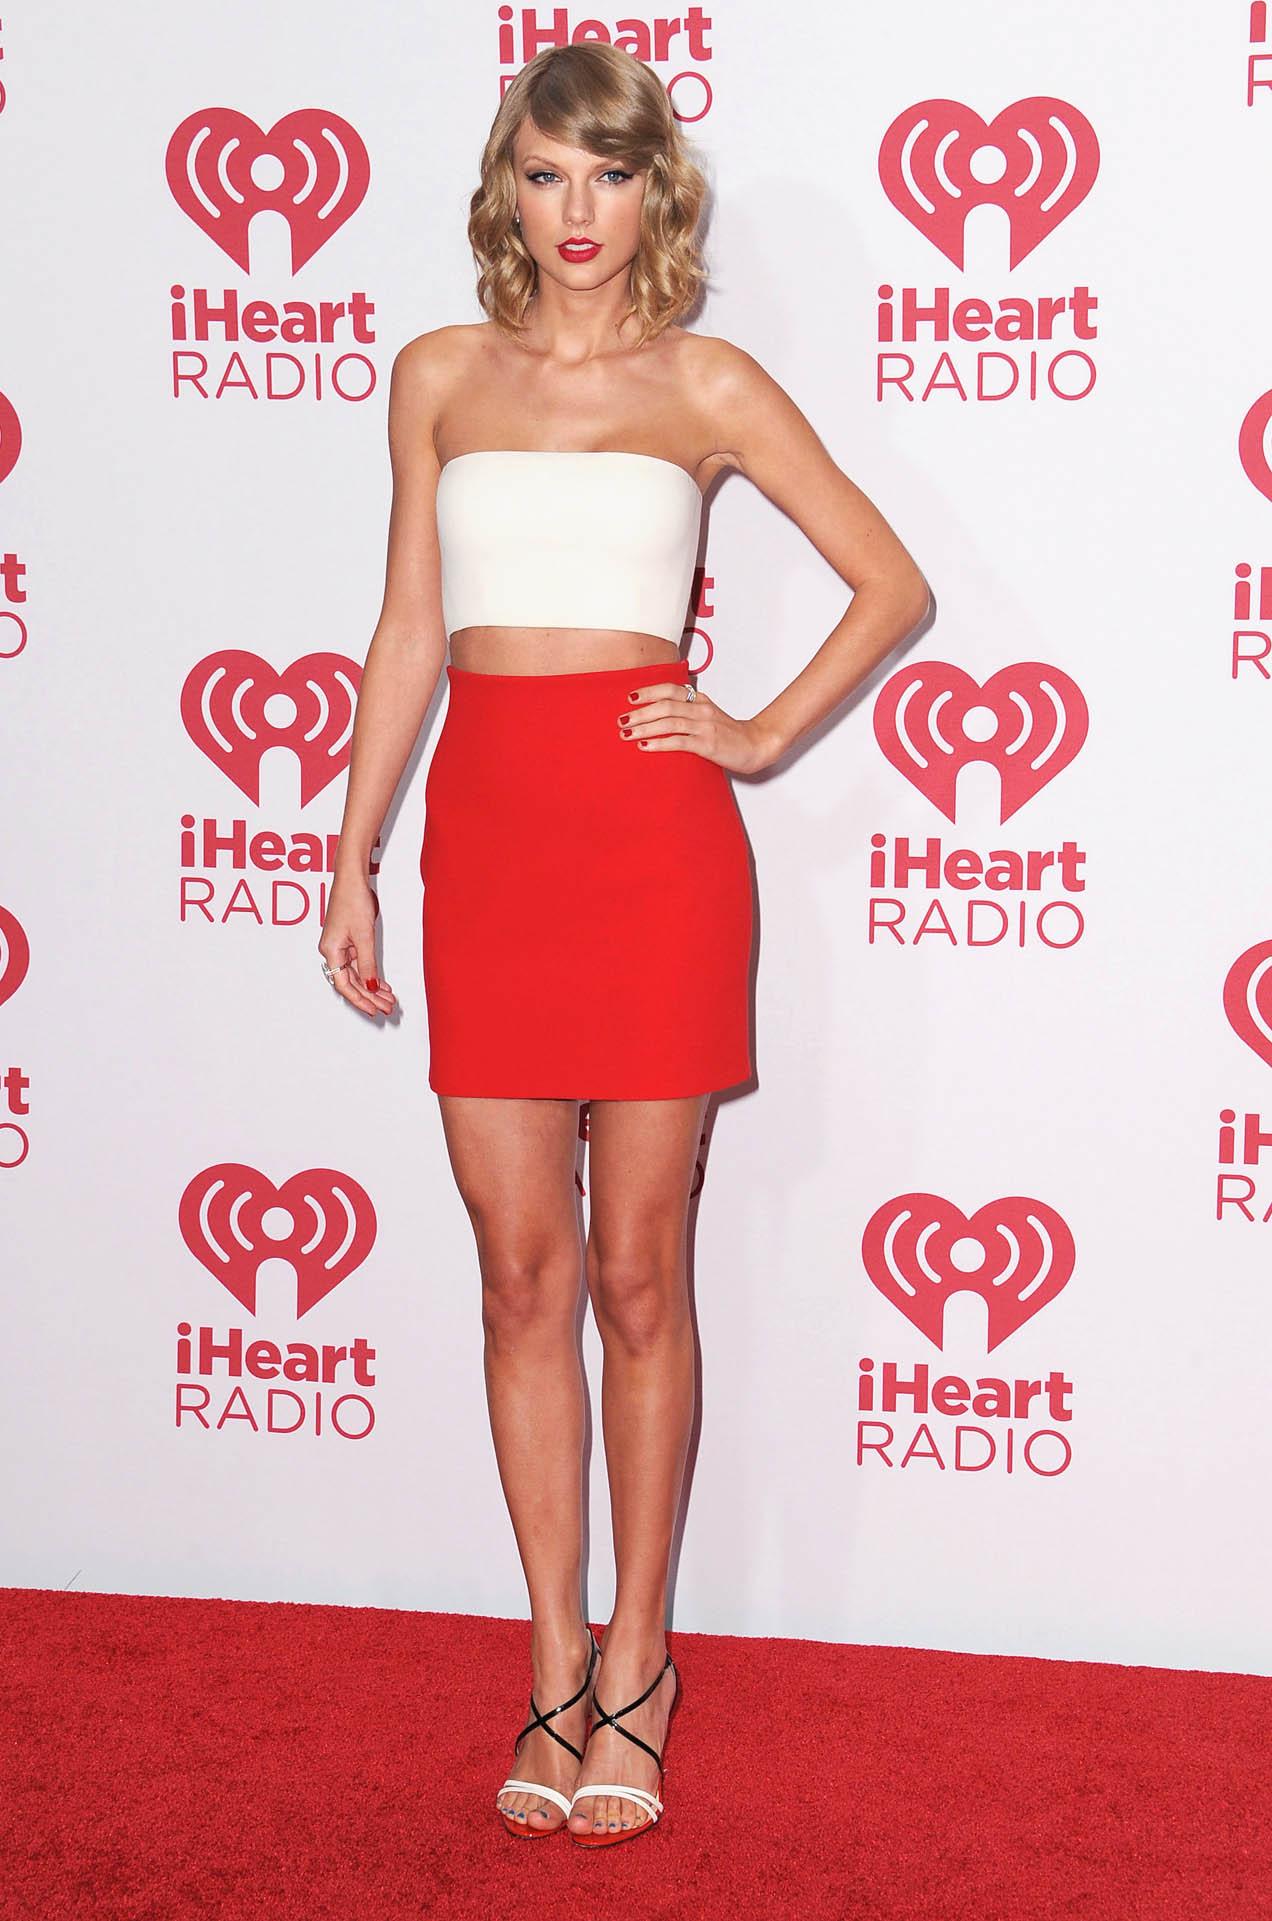 Güzel şarkıcı Taylor Swift katıldığı ödül törenine sexy kıyafetiyle damga vurdu. En güzel yabancı ünlü kadınların HD fotoları bu sitede, Cesur pozları yürek hoplattı.